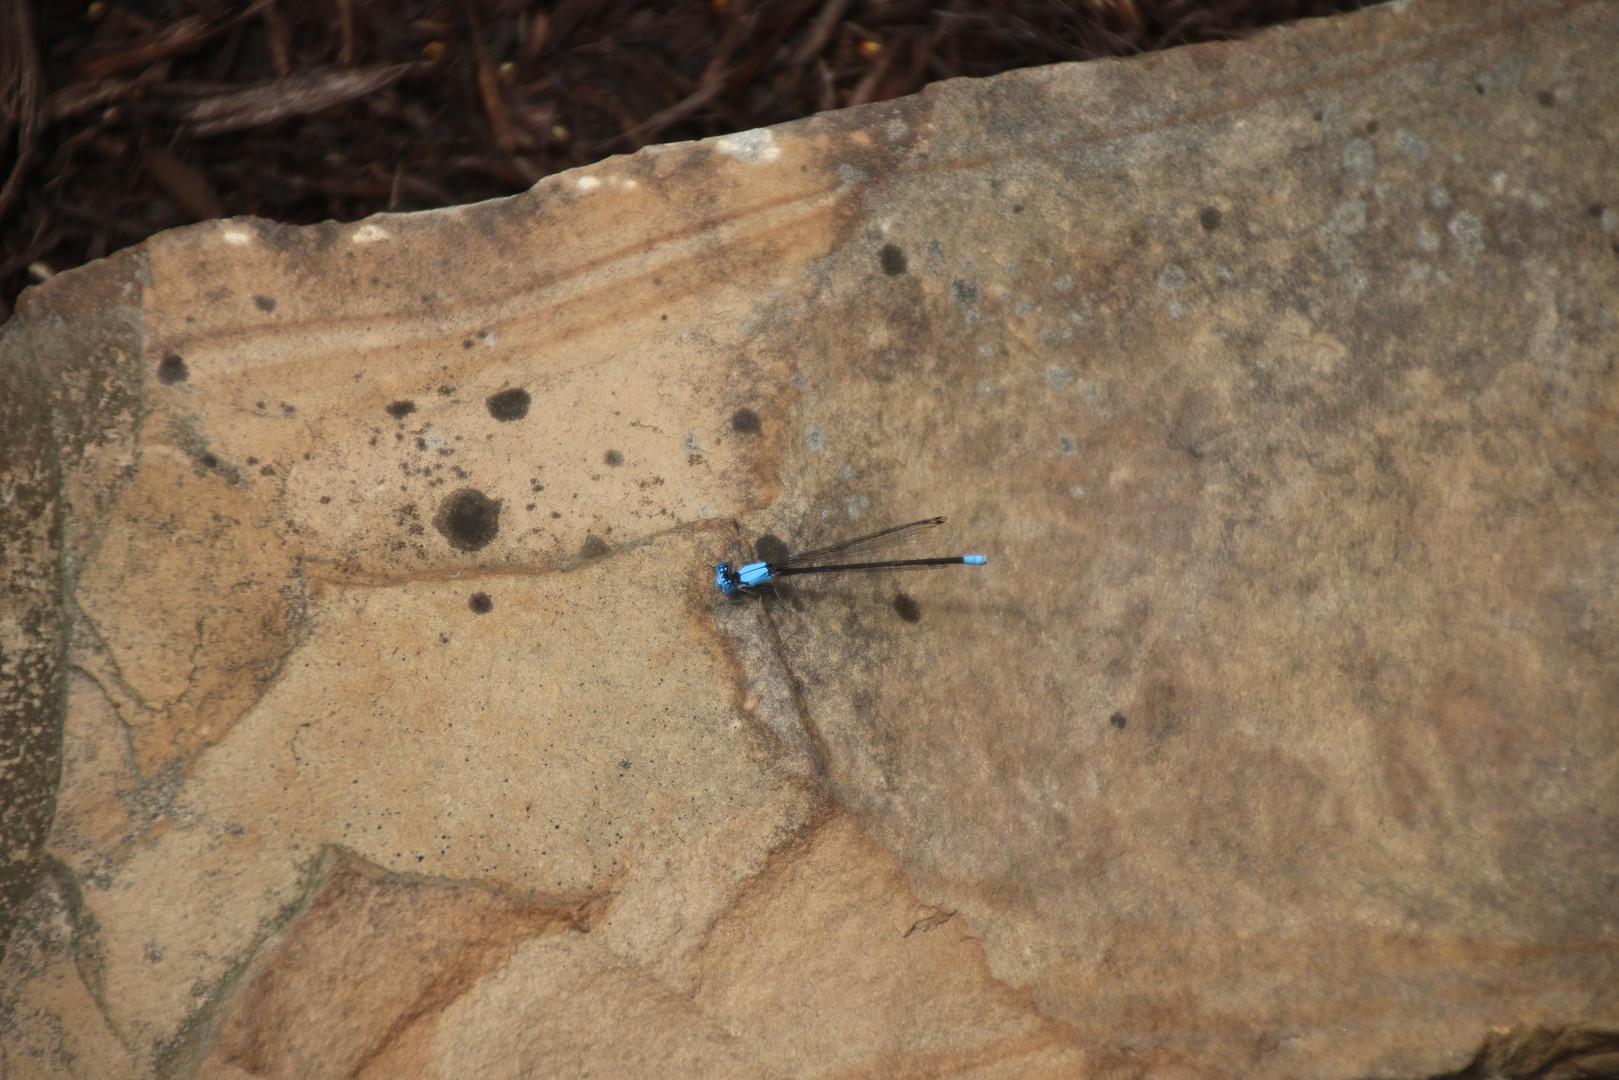 Dragon fly garden rock 2016